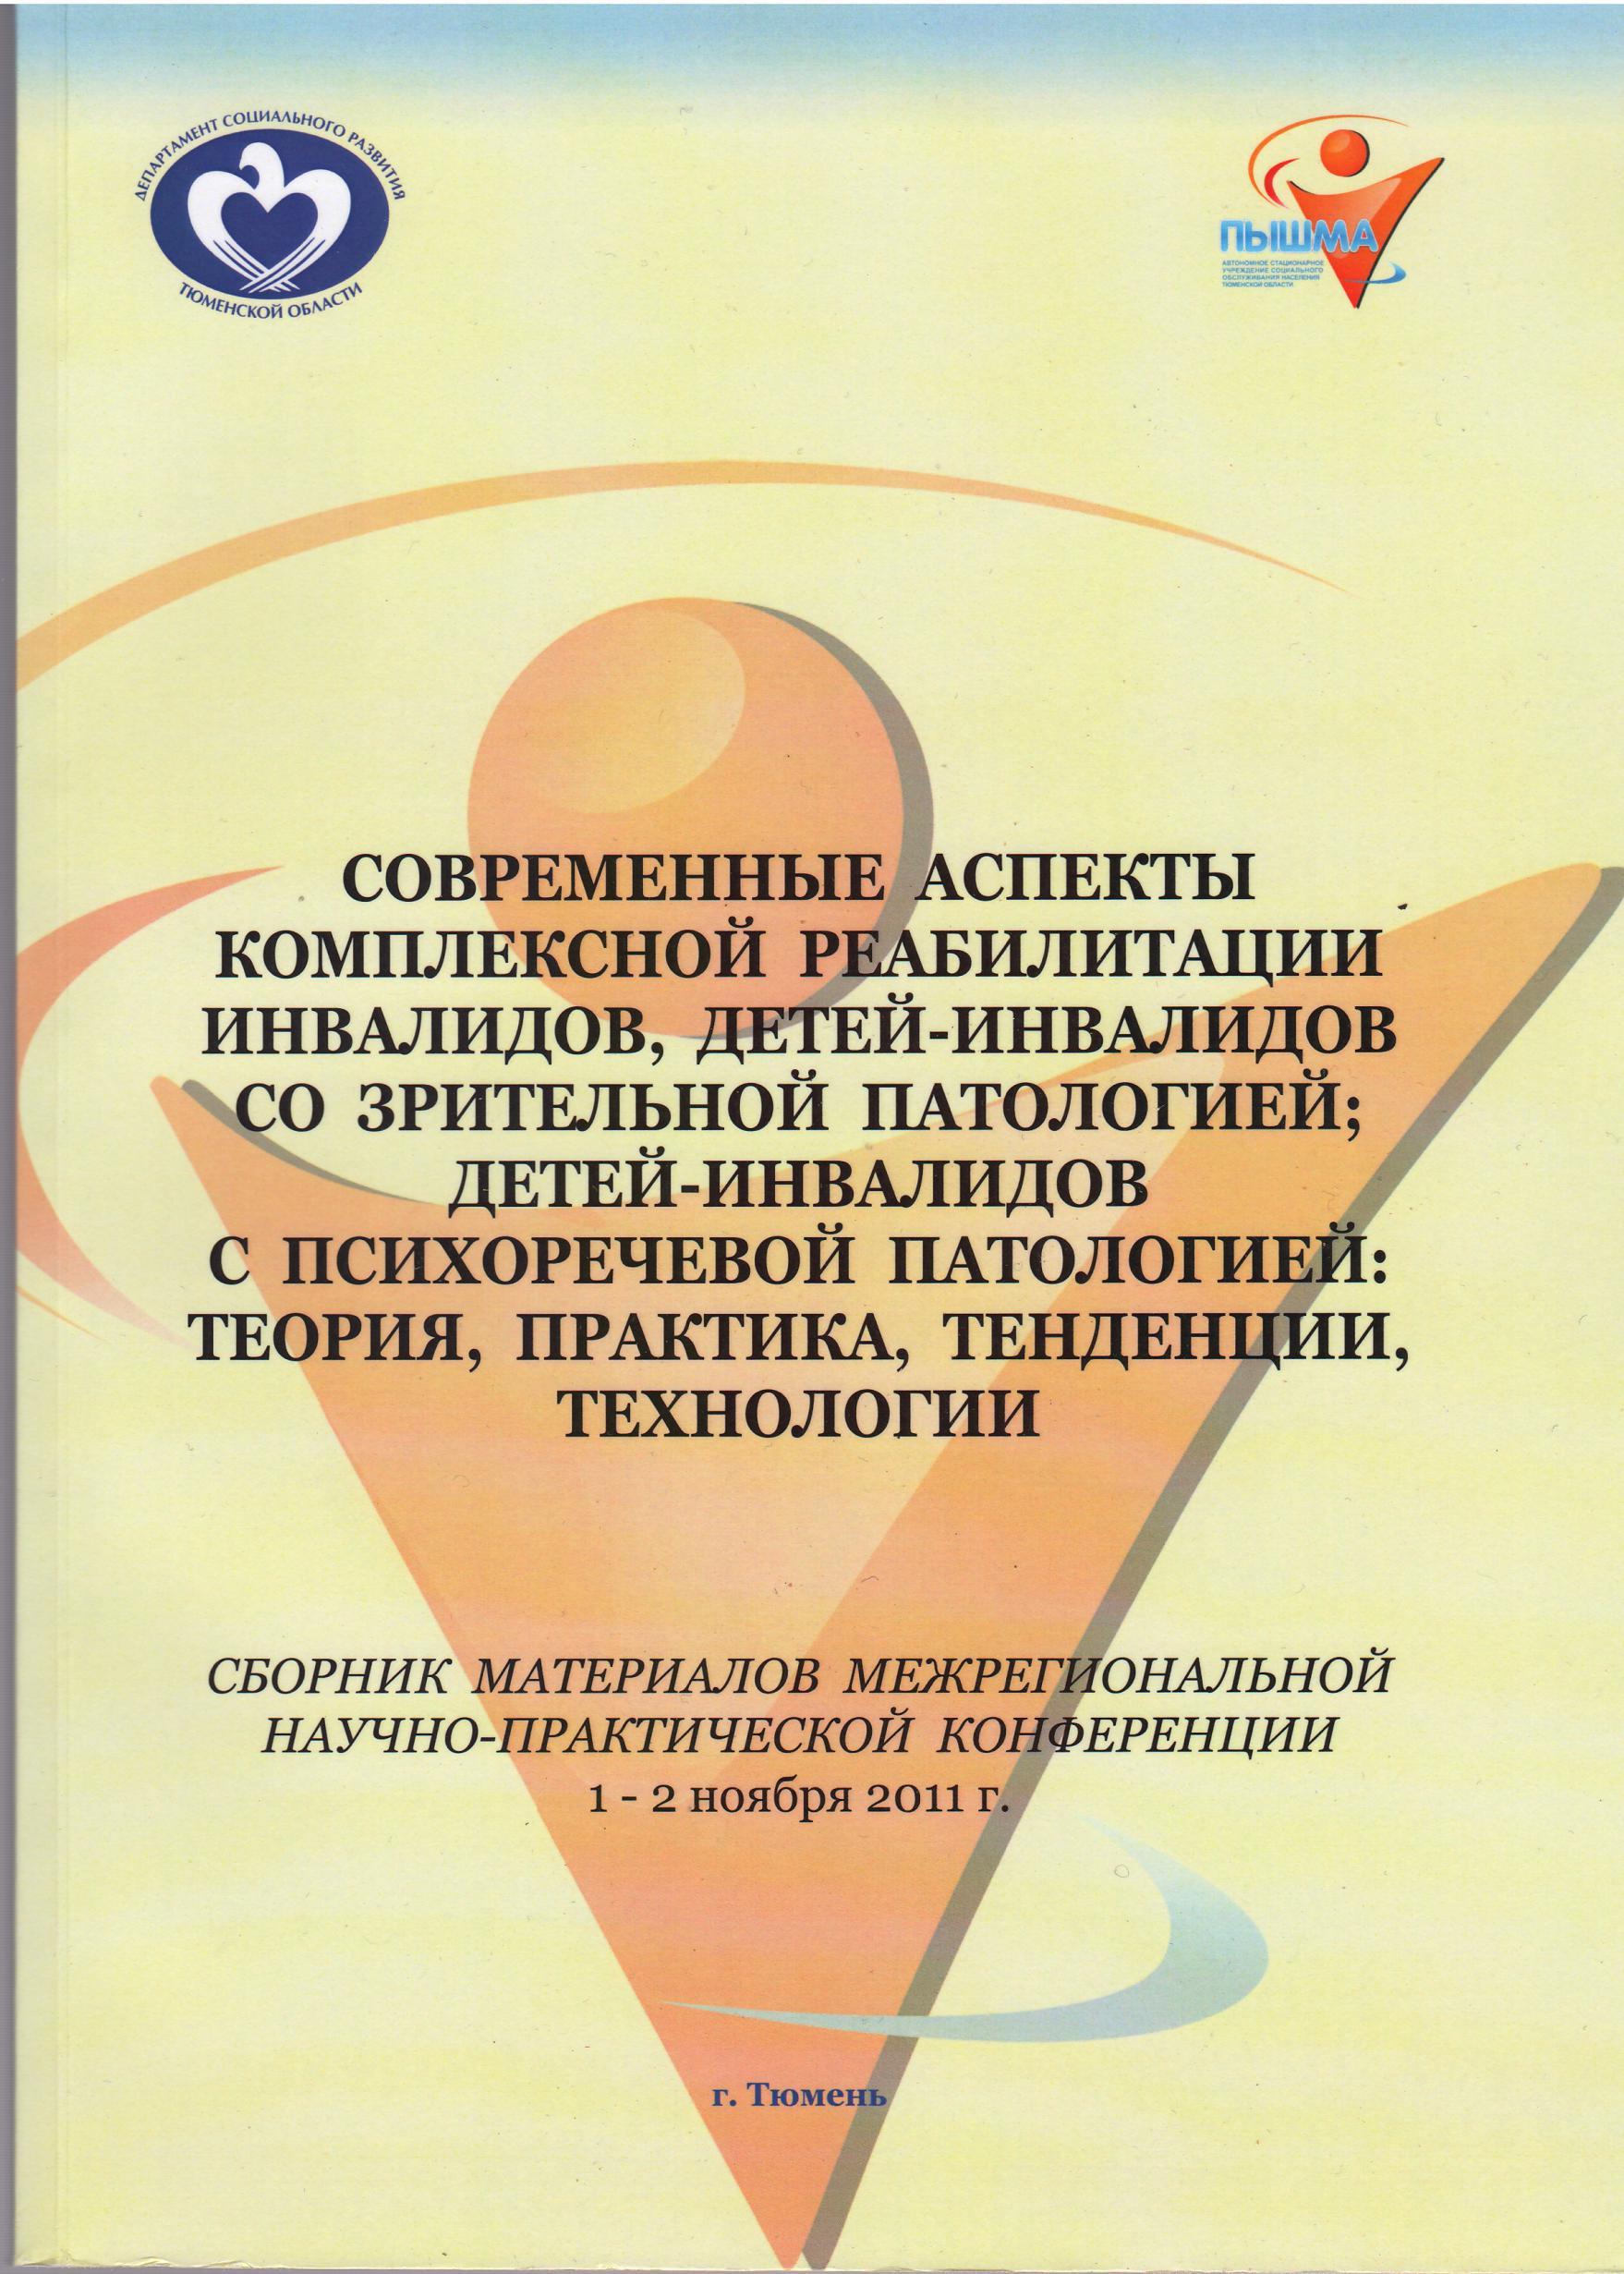 C:\Users\Татьяна\Desktop\Публикация в сборнике\оложка сборника.tif